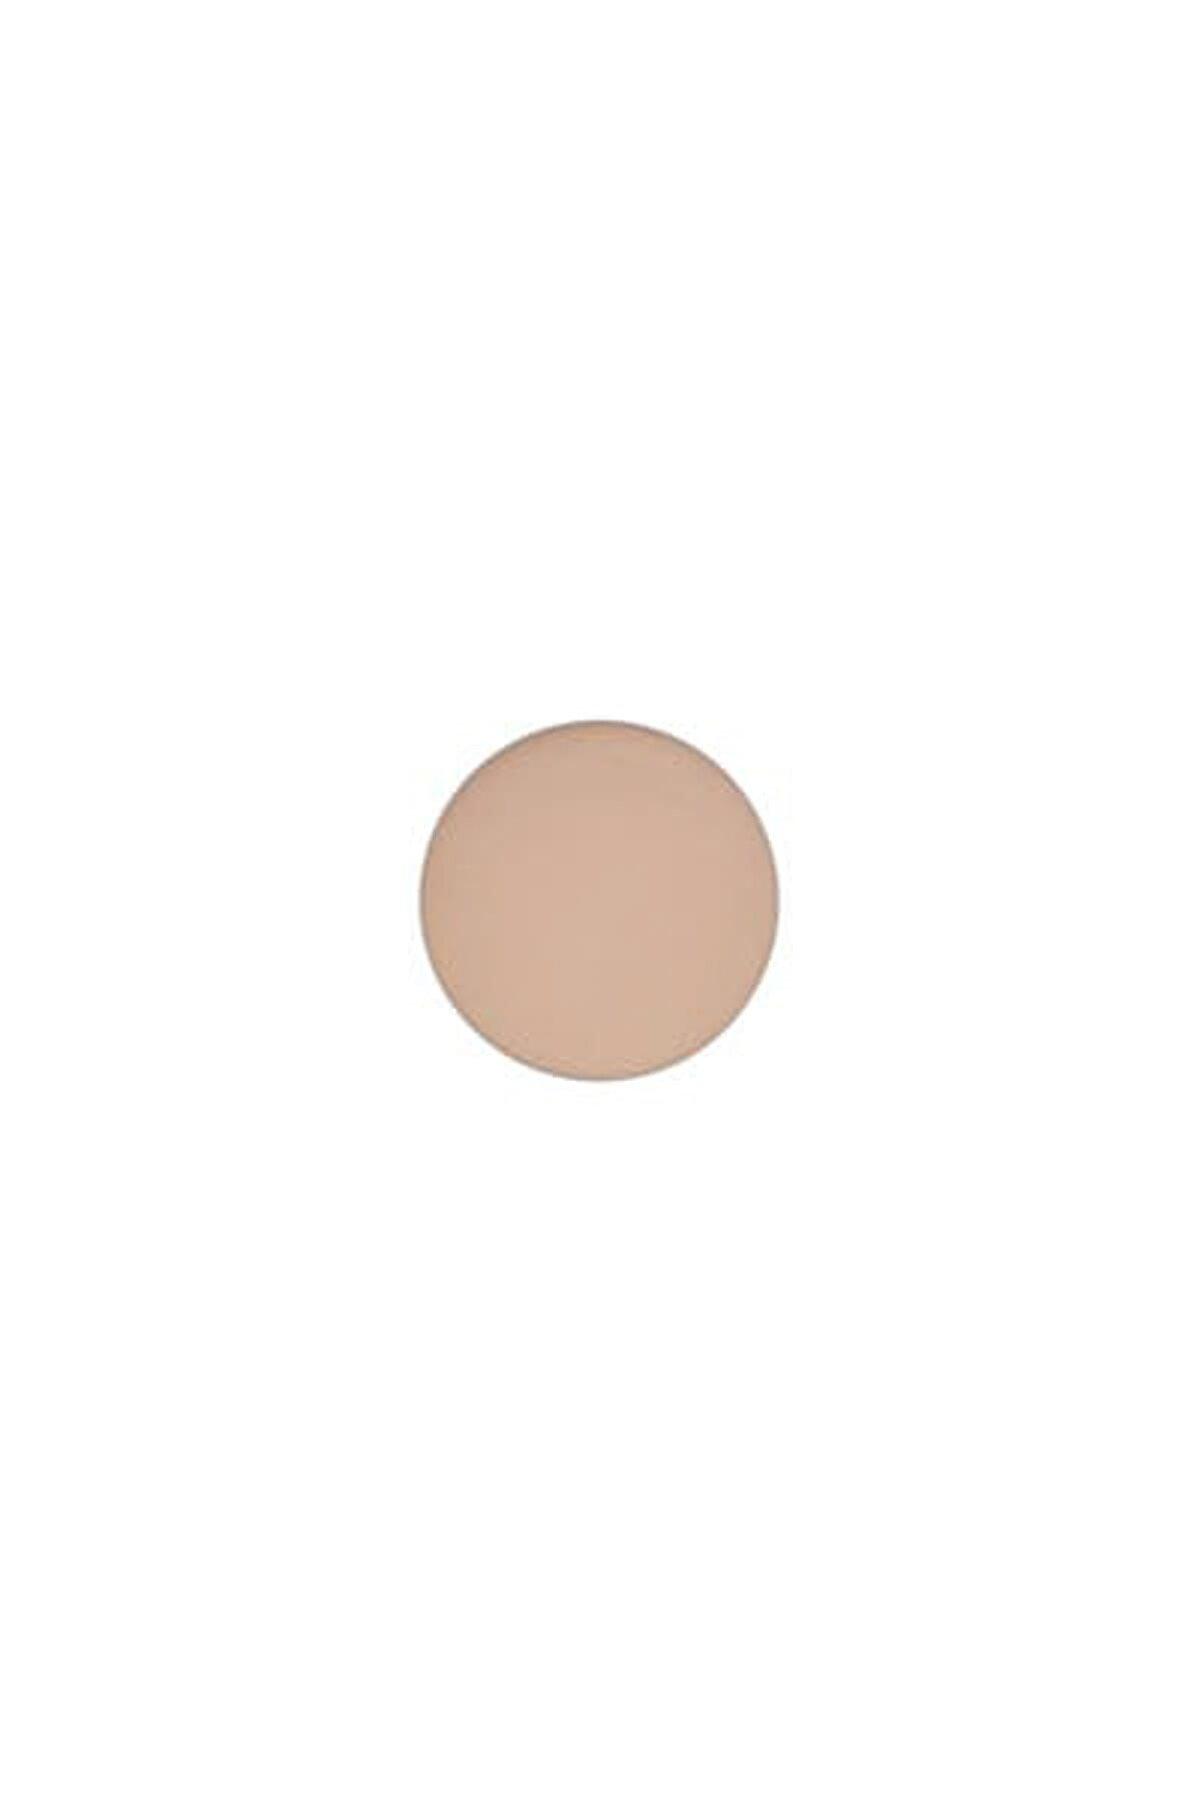 Mac Göz Farı - Refill Far Omega 1.5 g 773602964376